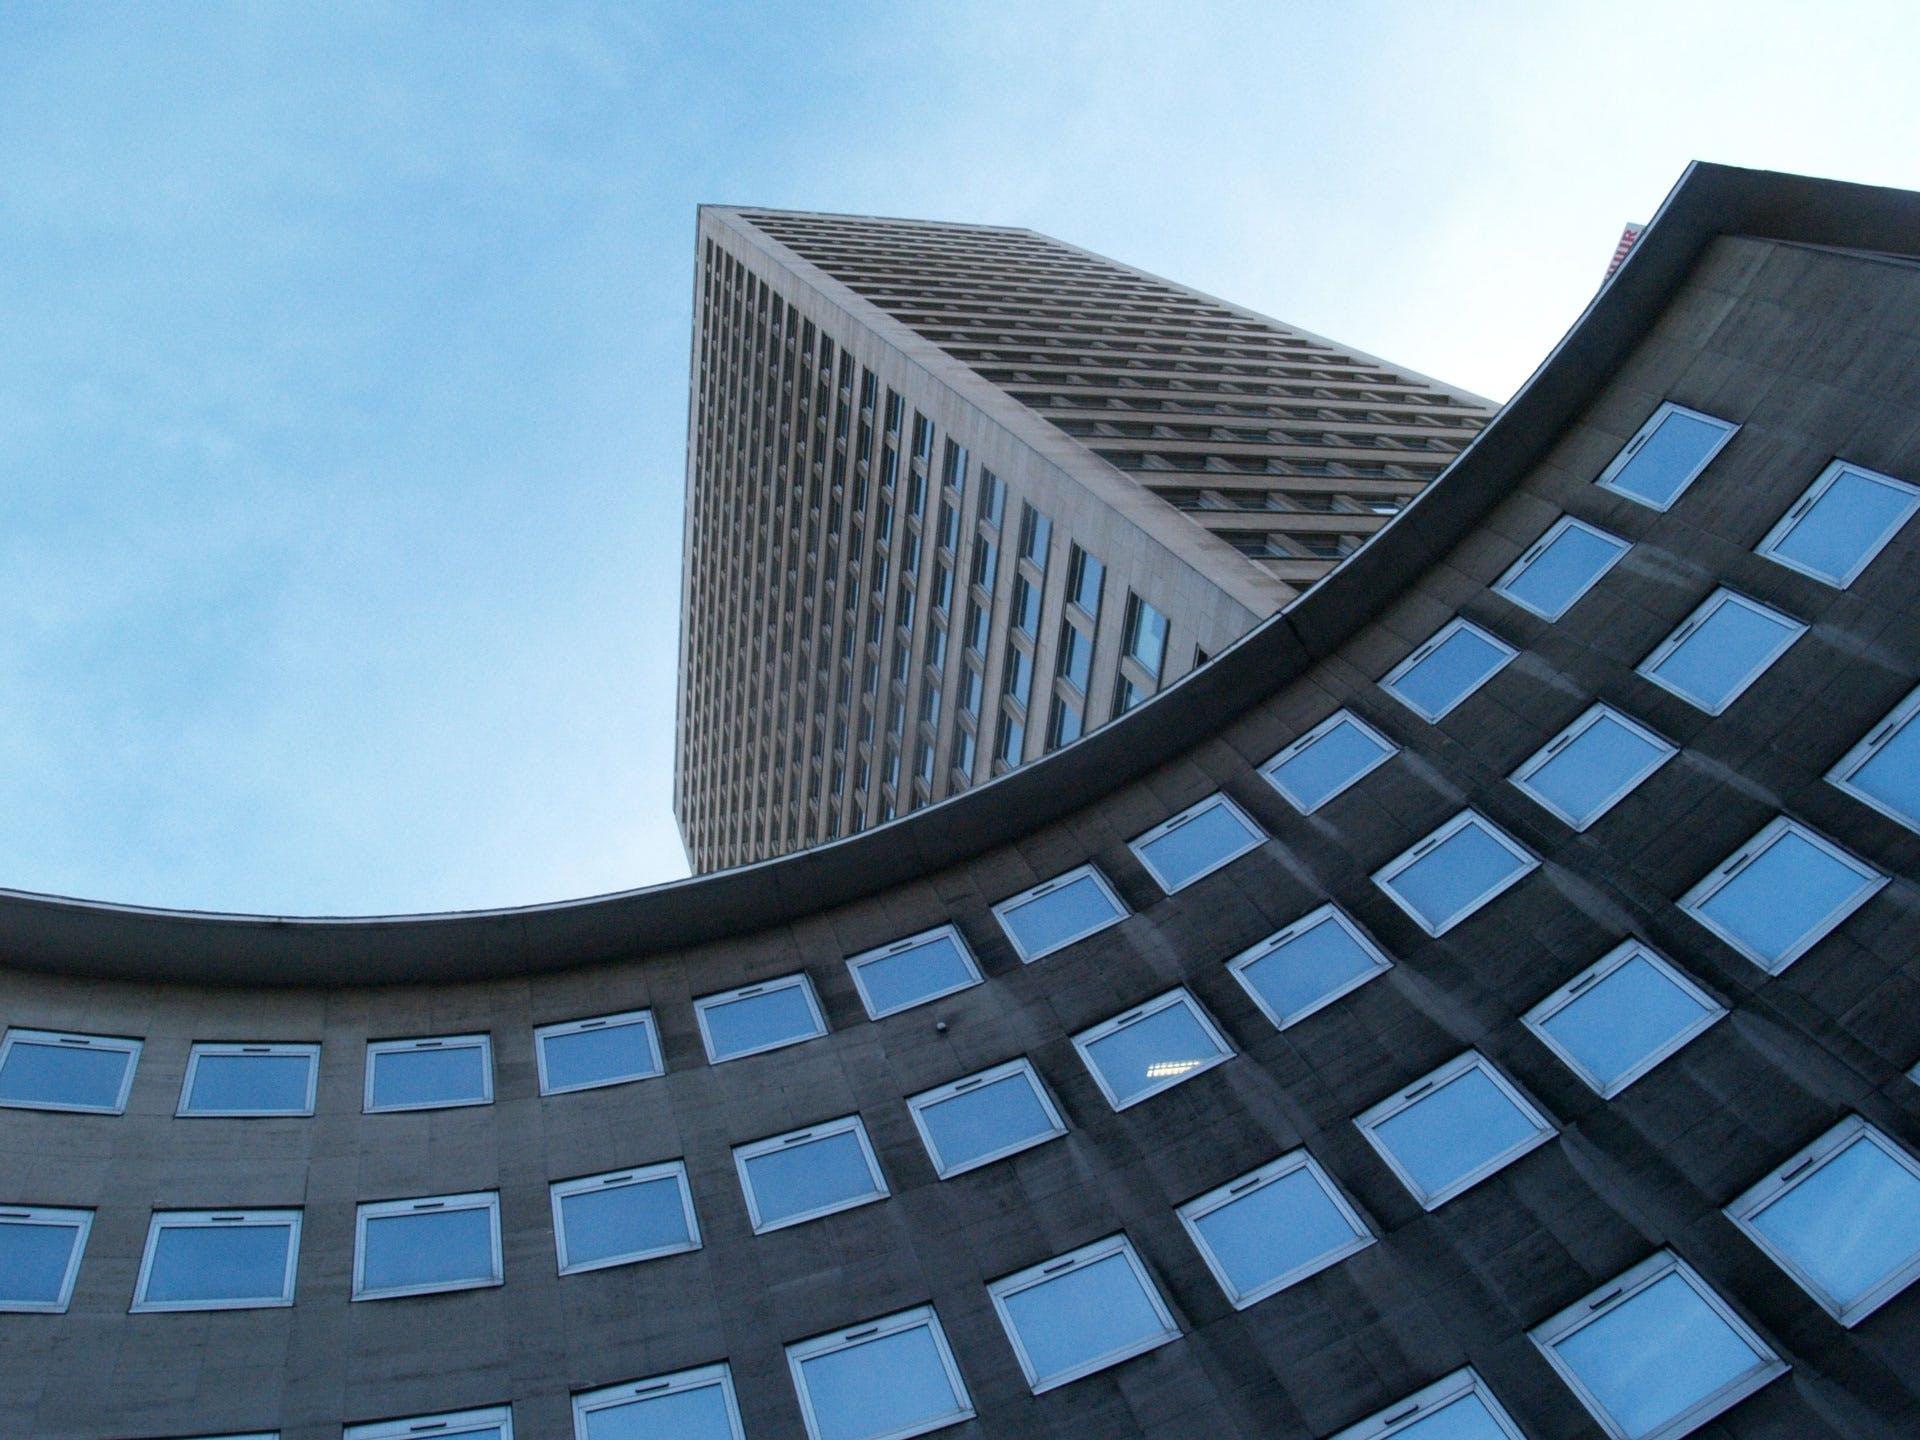 architecture, building, buildings